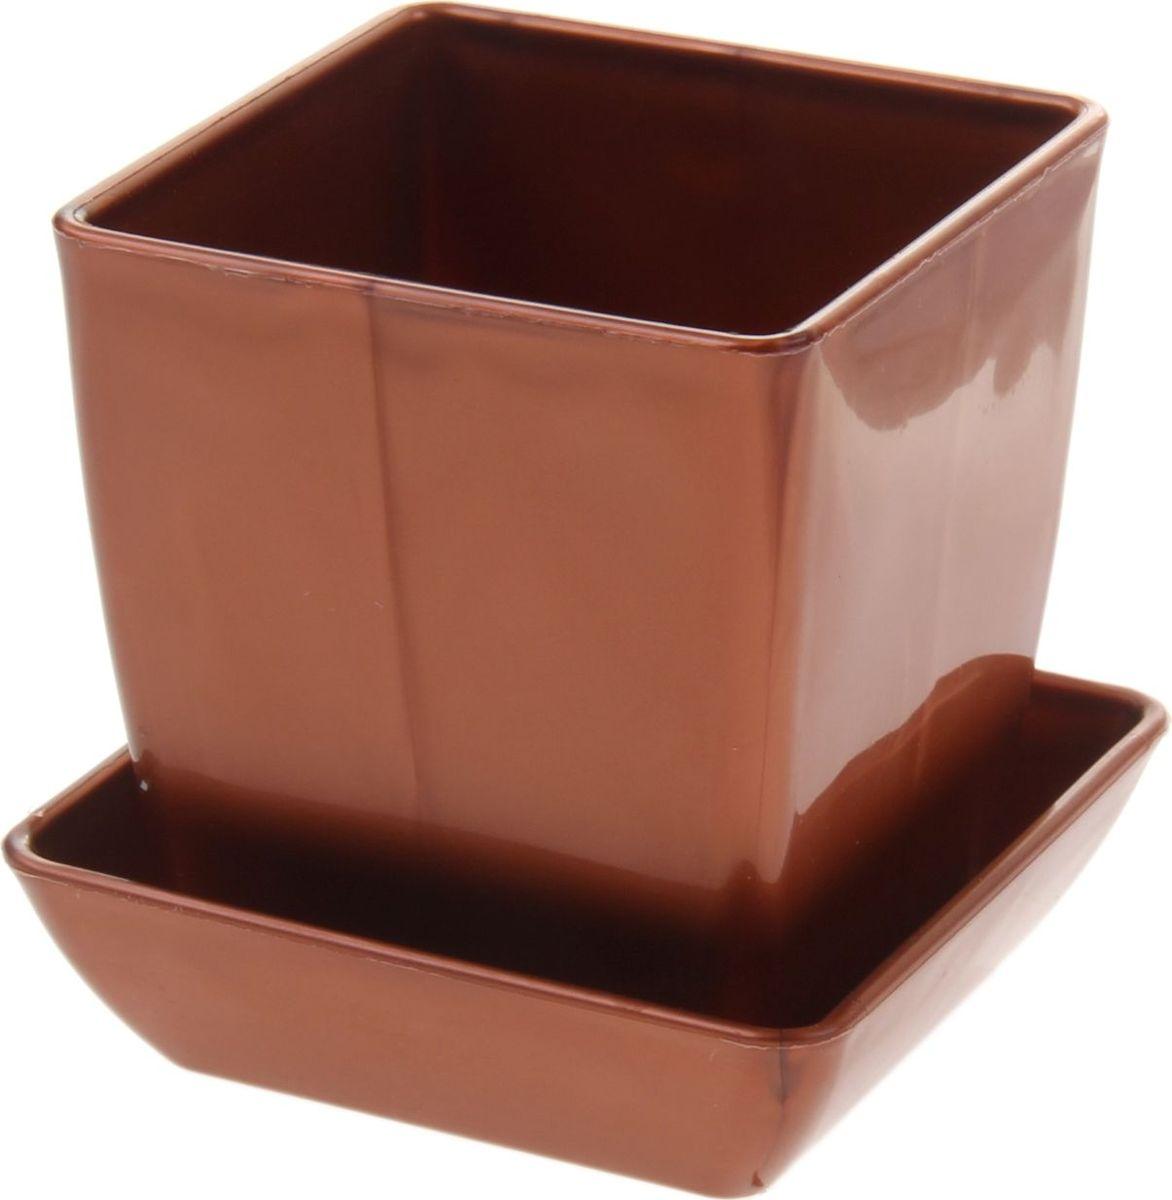 Горшок для цветов Мегапласт Квадрат, с поддоном, цвет: медный, 0,3 л651040Горшок для цветов Мегапласт Квадрат обладает малым весом и высокой прочностью. С лёгкостью переносите горшки и кашпо с места на место, ставьте их на столики или полки, подвешивайте под потолок, не беспокоясь о нагрузке. Пластиковые изделия не нуждаются в специальных условиях хранения. Их легко чистить - достаточно просто сполоснуть тёплой водой. Пластиковые кашпо не царапают и не загрязняют поверхности, на которых стоят. Пластик дольше хранит влагу, а значит растение реже нуждается в поливе.Пластмасса не пропускает воздух, а значит, корневой системе растения не грозят резкие перепады температур. Соблюдая нехитрые правила ухода, вы можете заметно продлить срок службы горшков, вазонов и кашпо из пластика:- всегда учитывайте размер кроны и корневой системы растения (при разрастании большое растение способно повредить маленький горшок). - берегите изделие от воздействия прямых солнечных лучей, чтобы кашпо и горшки не выцветали. - держите кашпо и горшки из пластика подальше от нагревающихся поверхностей. Любой, даже самый современный и продуманный интерьер будет не завершённым без растений. Они не только очищают воздух и насыщают его кислородом, но и заметно украшают окружающее пространство. Такому полезному члену семьи просто необходимо красивое и функциональное кашпо, оригинальный горшок или необычная ваза!